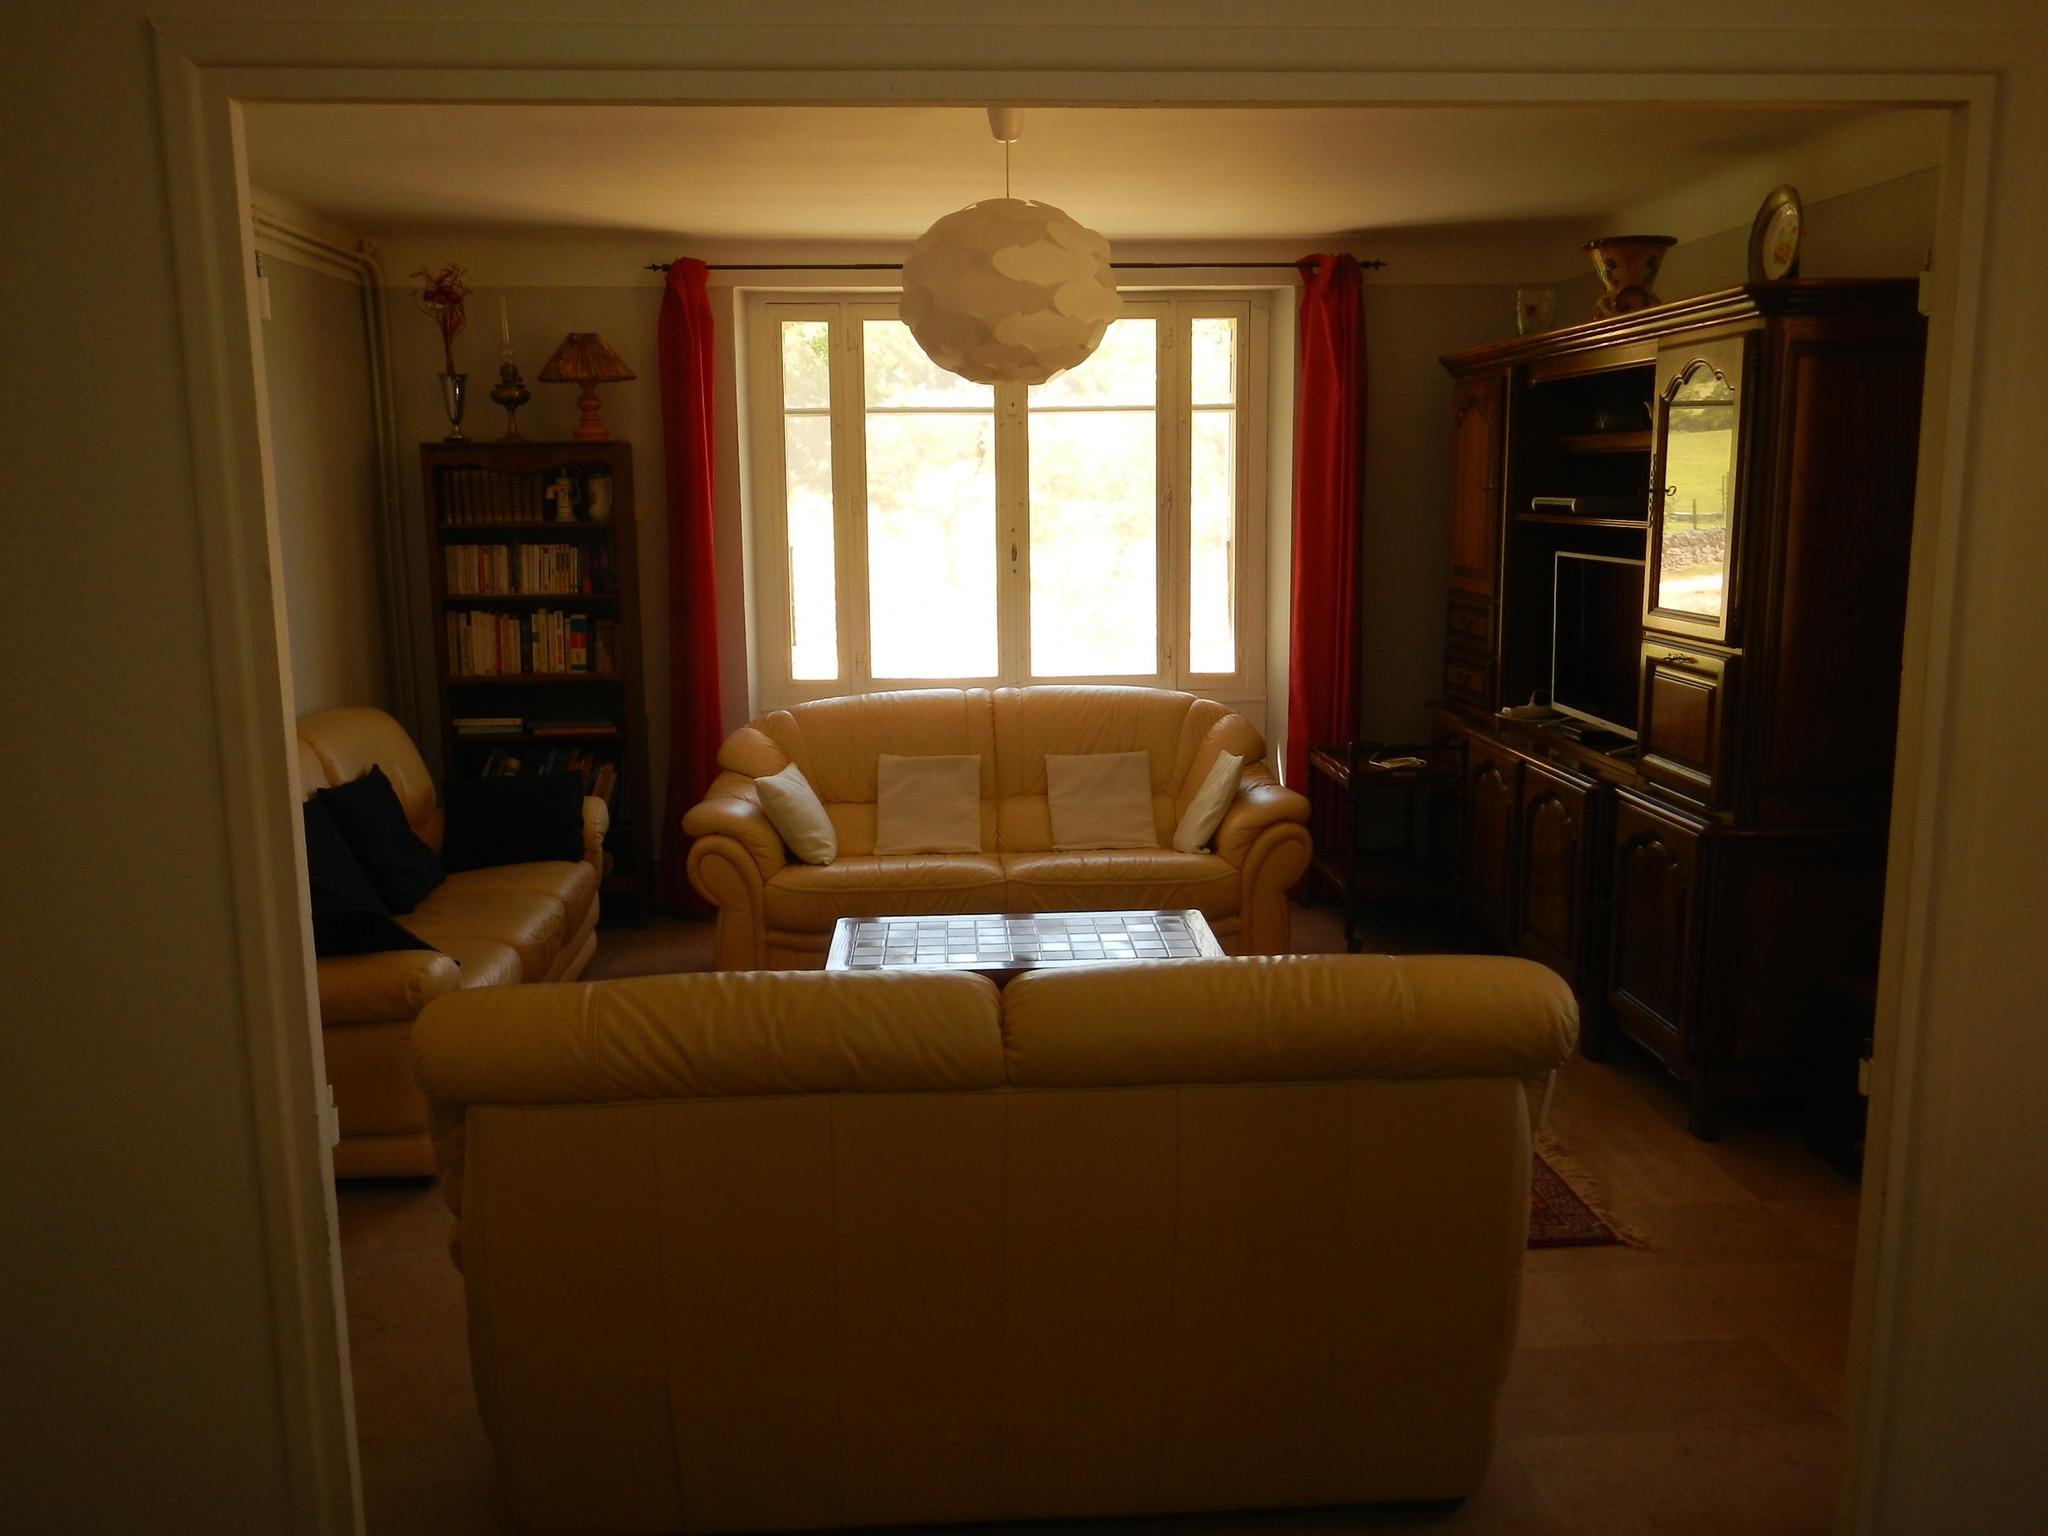 Ferienhaus Haus mit 6 Zimmern in Banassac mit toller Aussicht auf die Berge und eingezäuntem Garten - (2202056), Banassac, Lozère, Languedoc-Roussillon, Frankreich, Bild 4